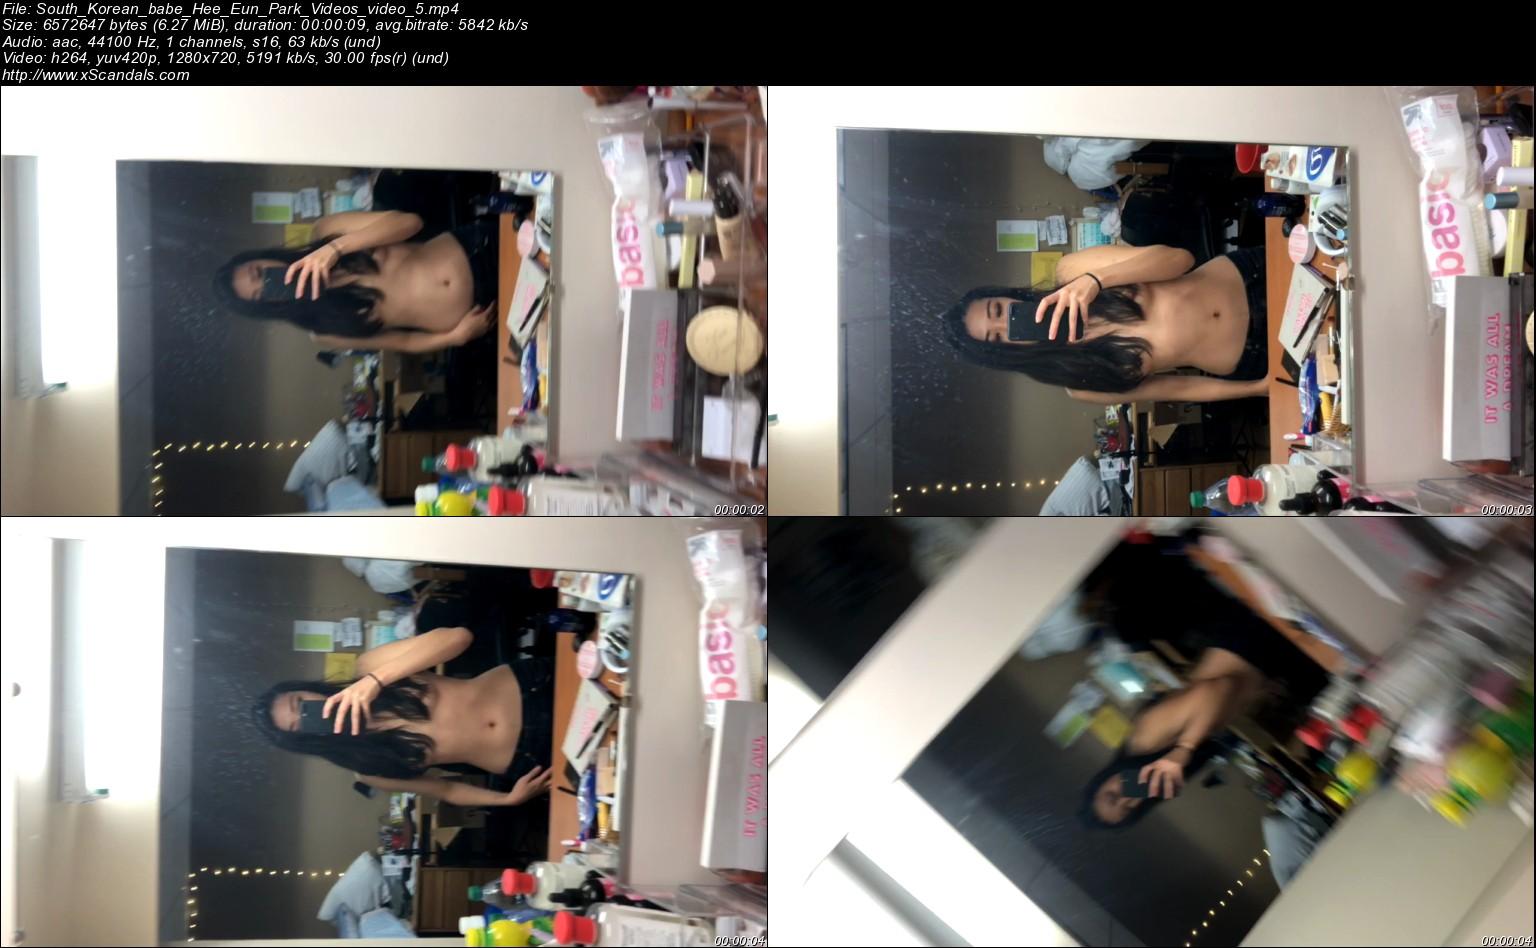 South_Korean_babe_Hee_Eun_Park_Videos_video_5.jpeg